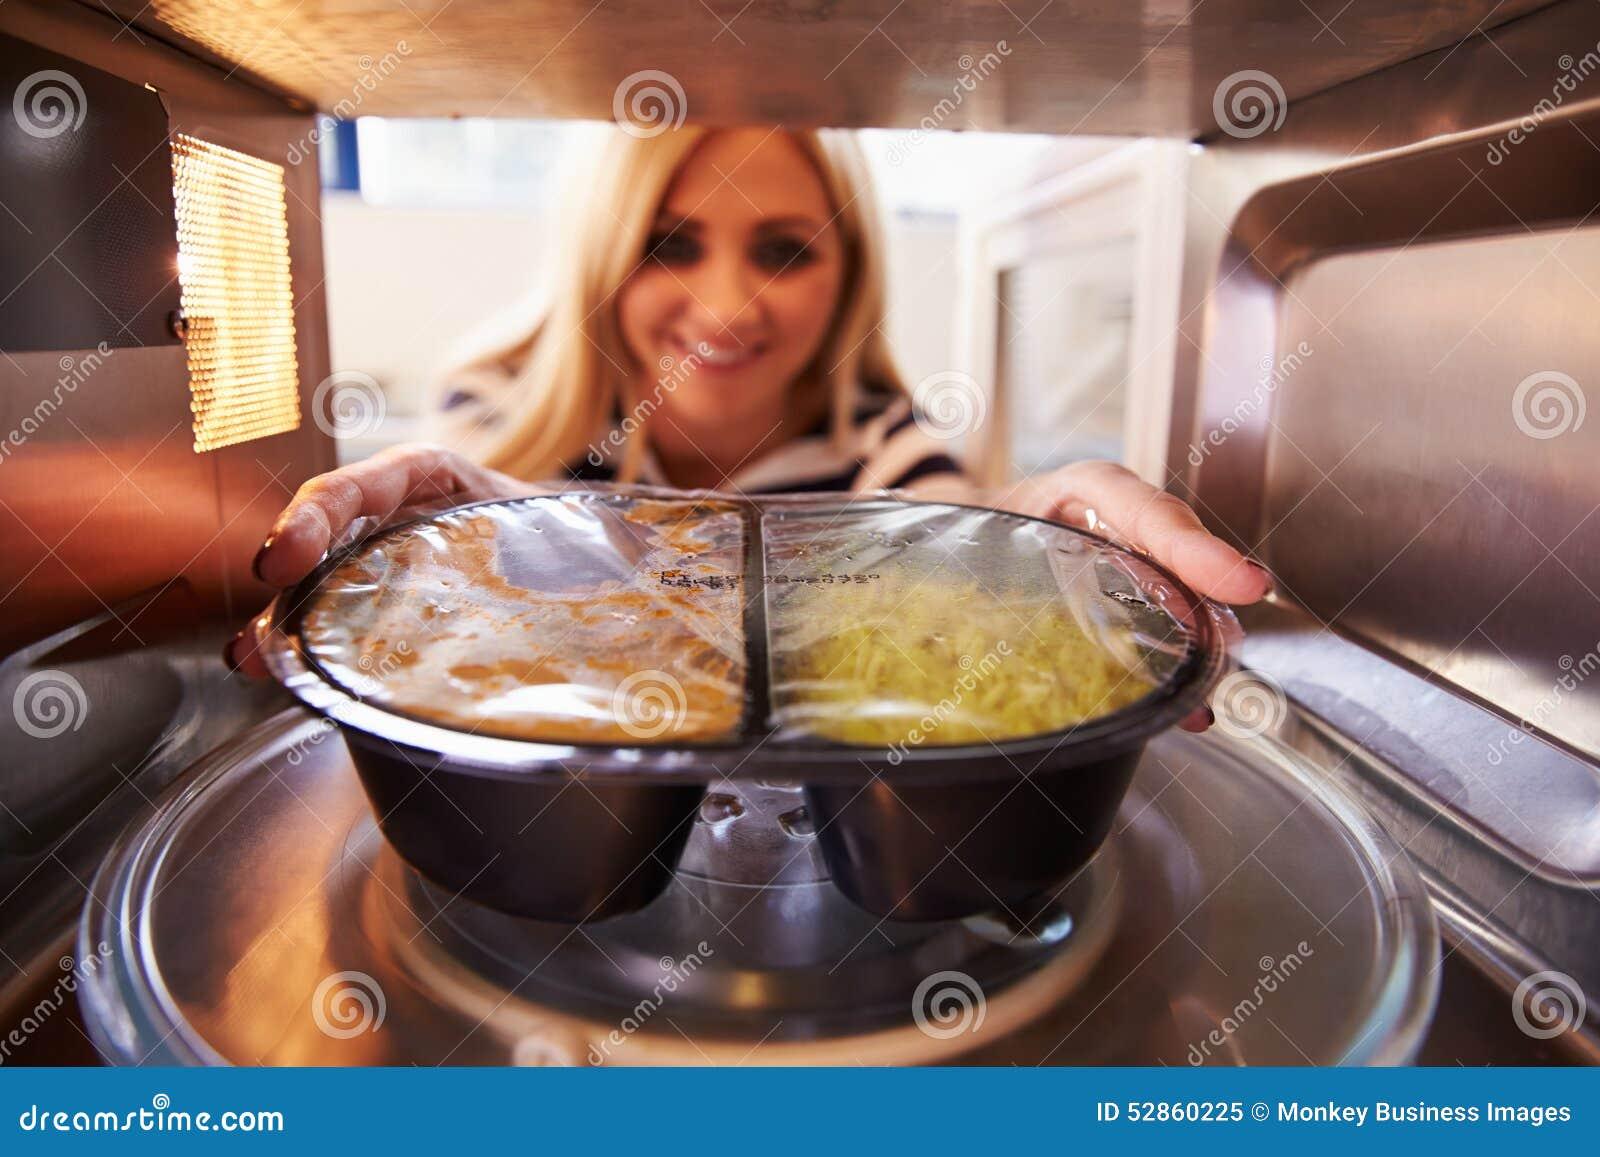 Kobieta Stawia TV gościa restauracji W mikrofala piekarnika Gotować